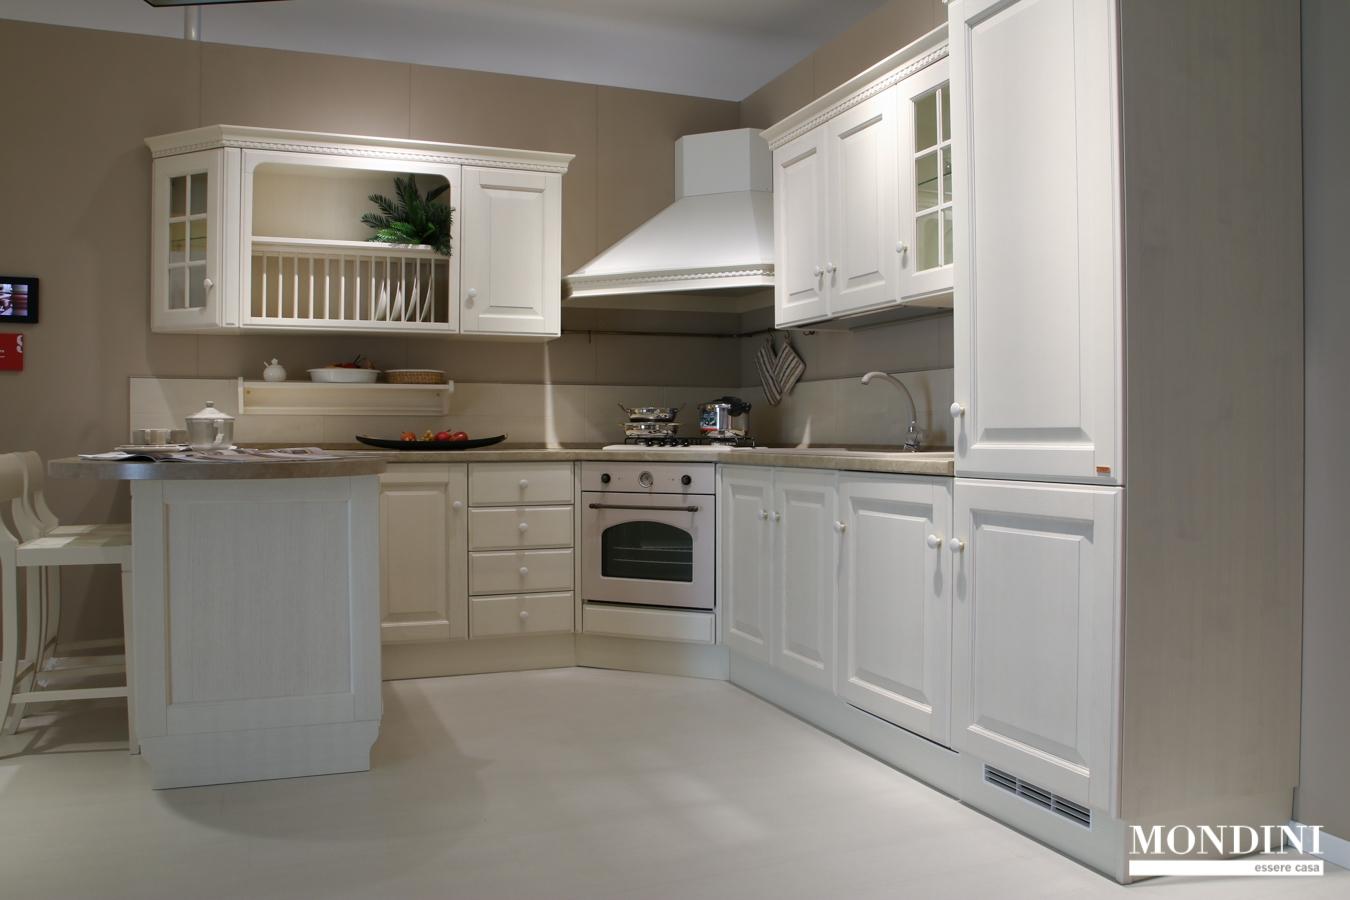 Cucine con penisola cucina con penisola ernestomeda one a - Cucine classiche con penisola ...